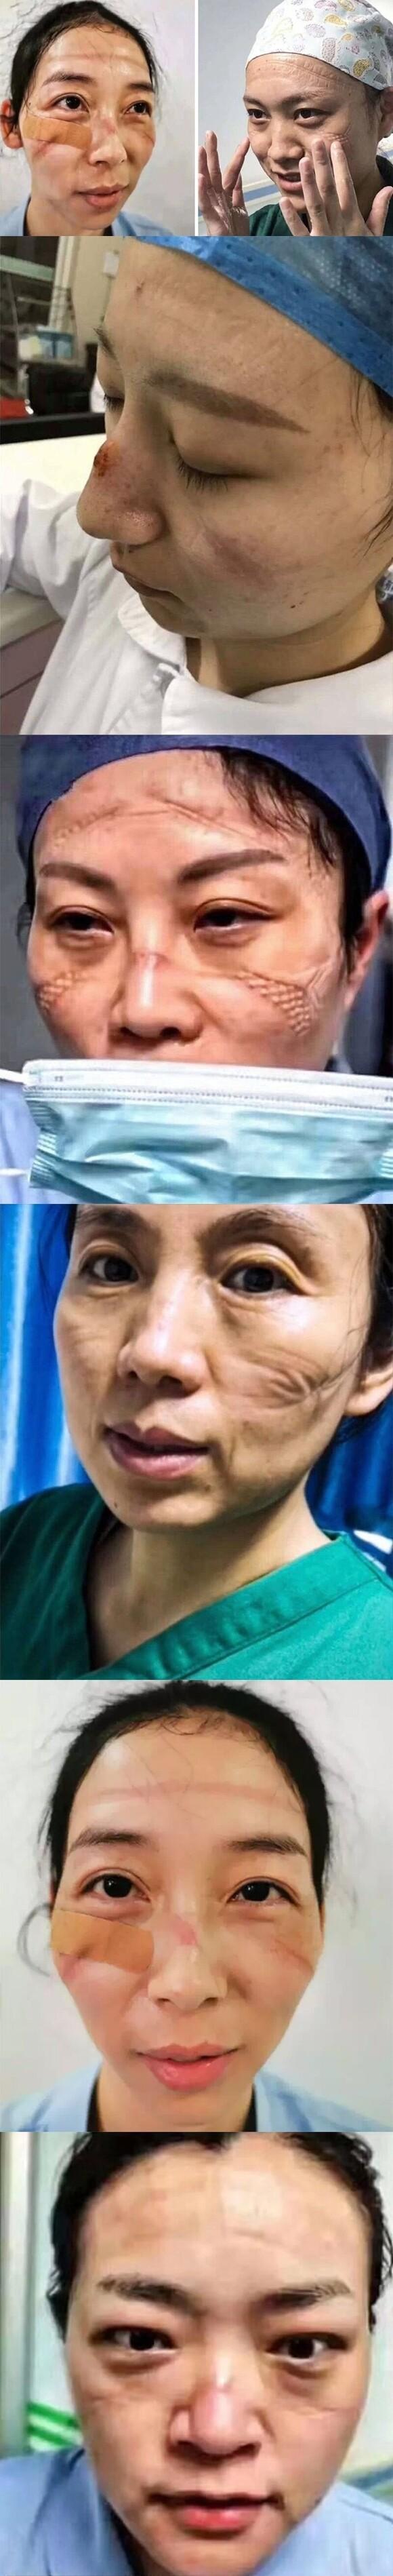 2773 - Enfermeras chinas comparten fotos de cómo se ven sus rostros después de incontables horas luchando contra el coronavirus